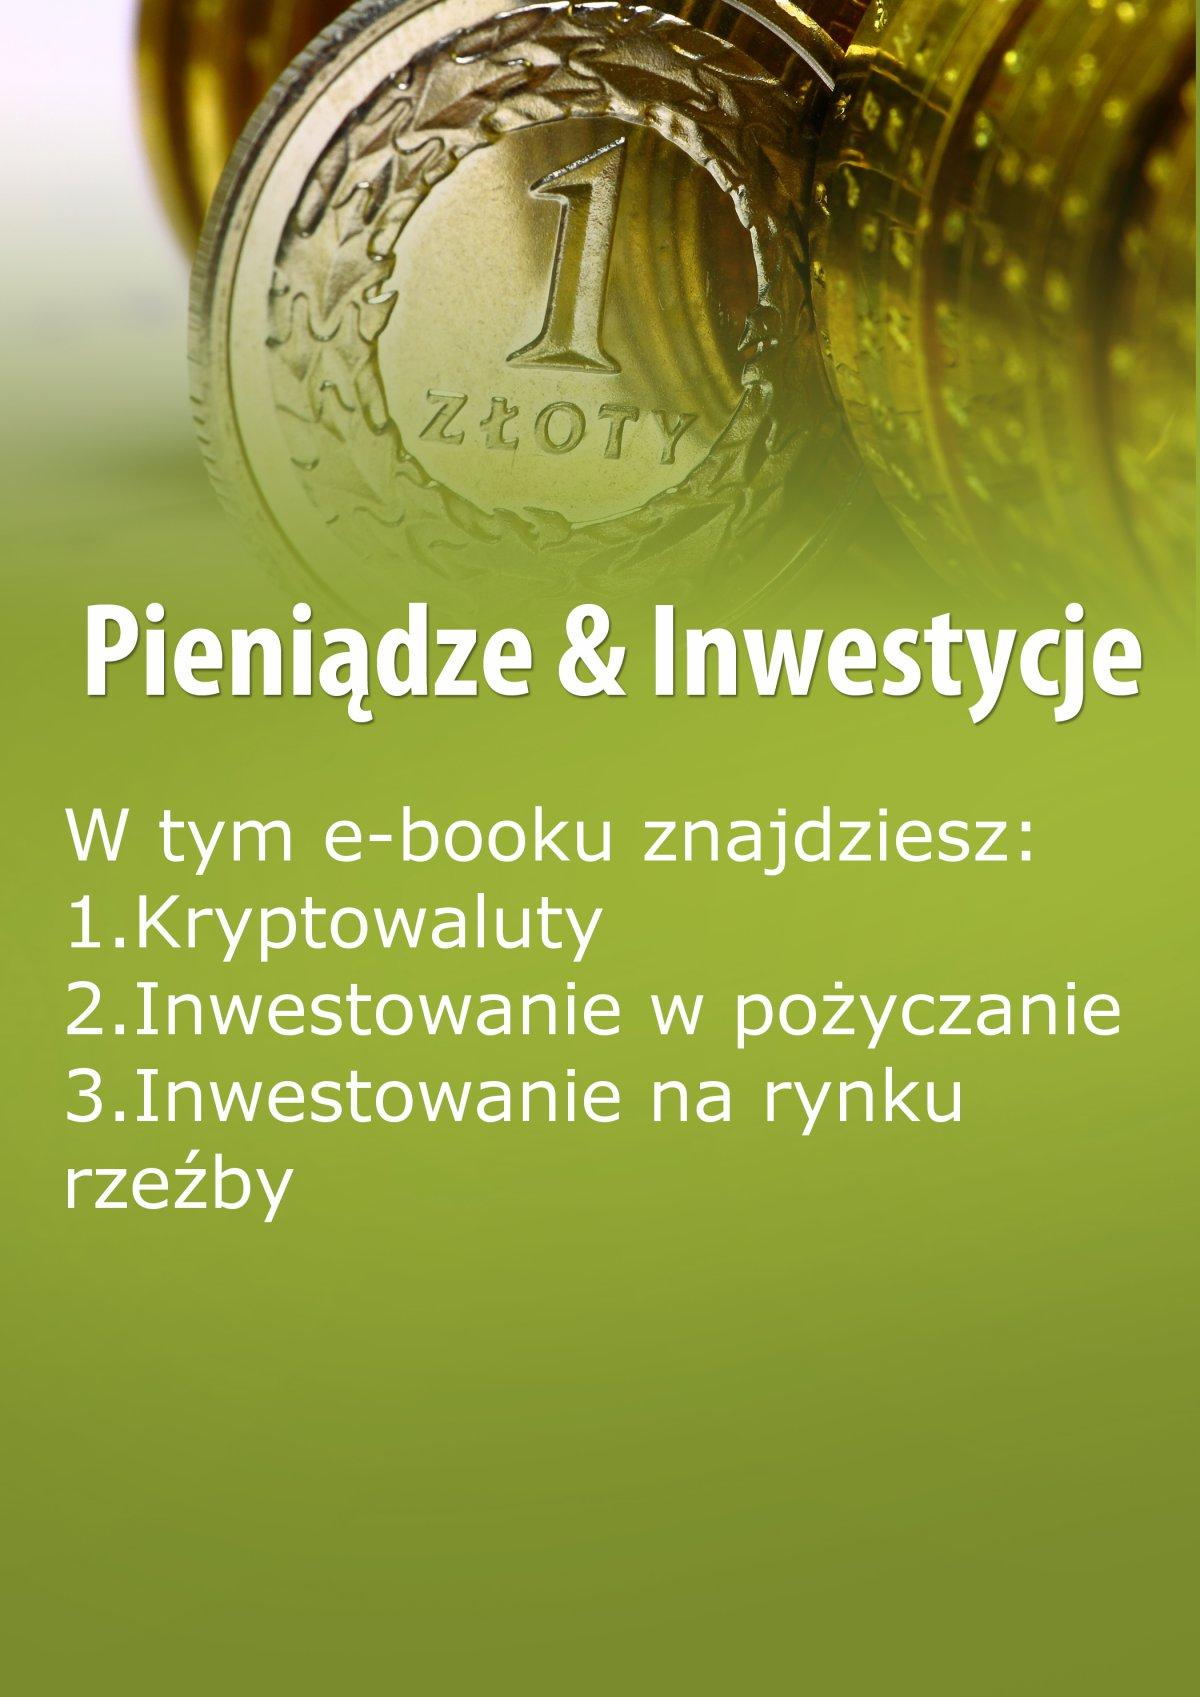 Pieniądze & Inwestycje, wydanie czerwiec 2015 r. - Ebook (Książka EPUB) do pobrania w formacie EPUB